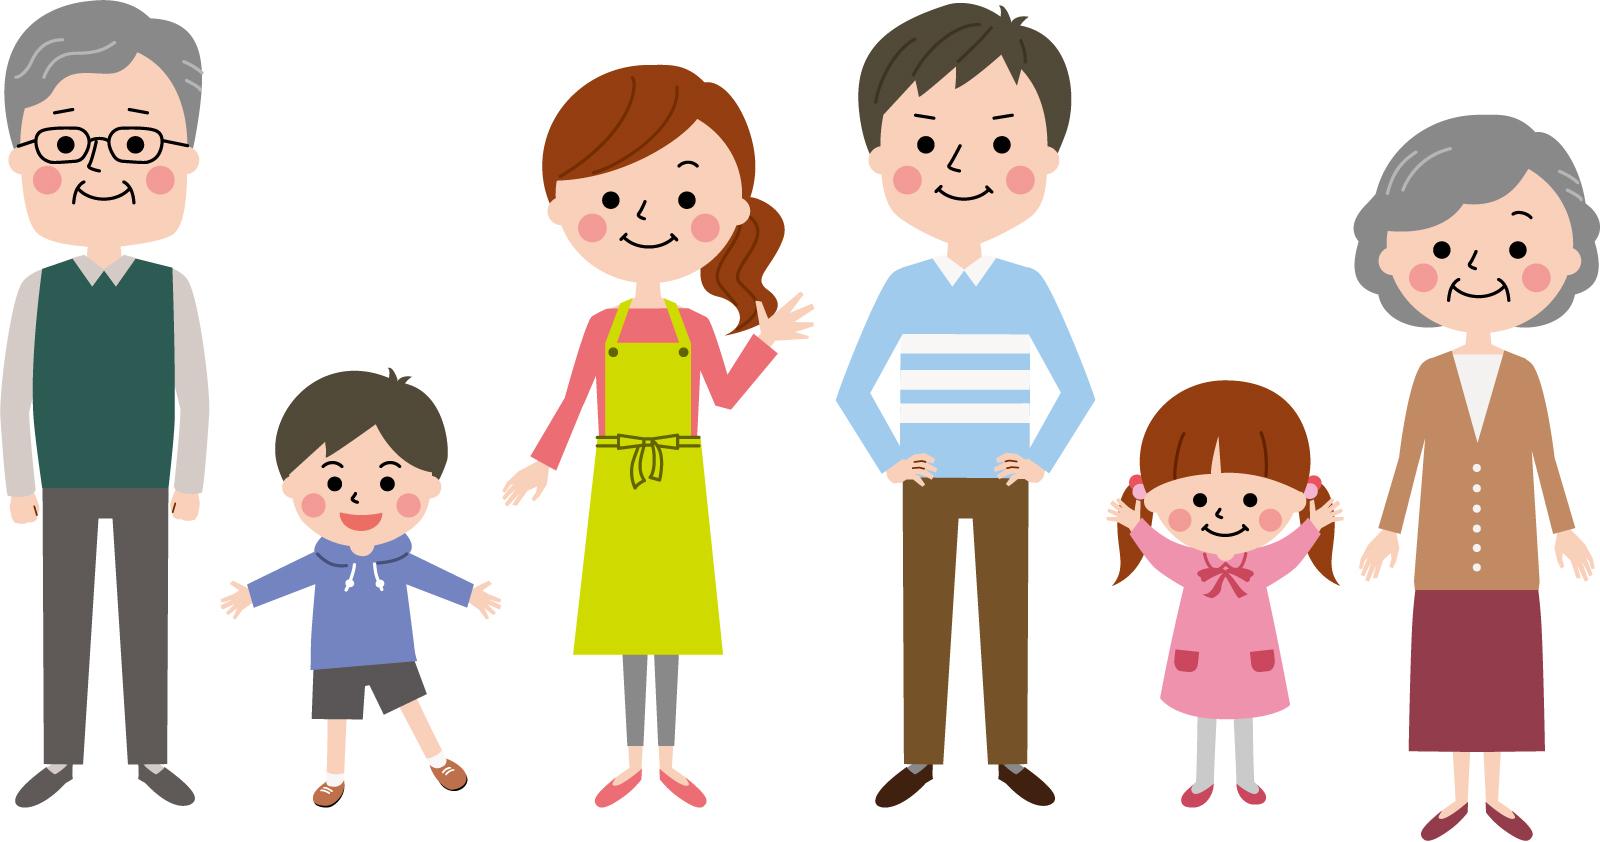 発達障害の子供とその家族に対する支援について